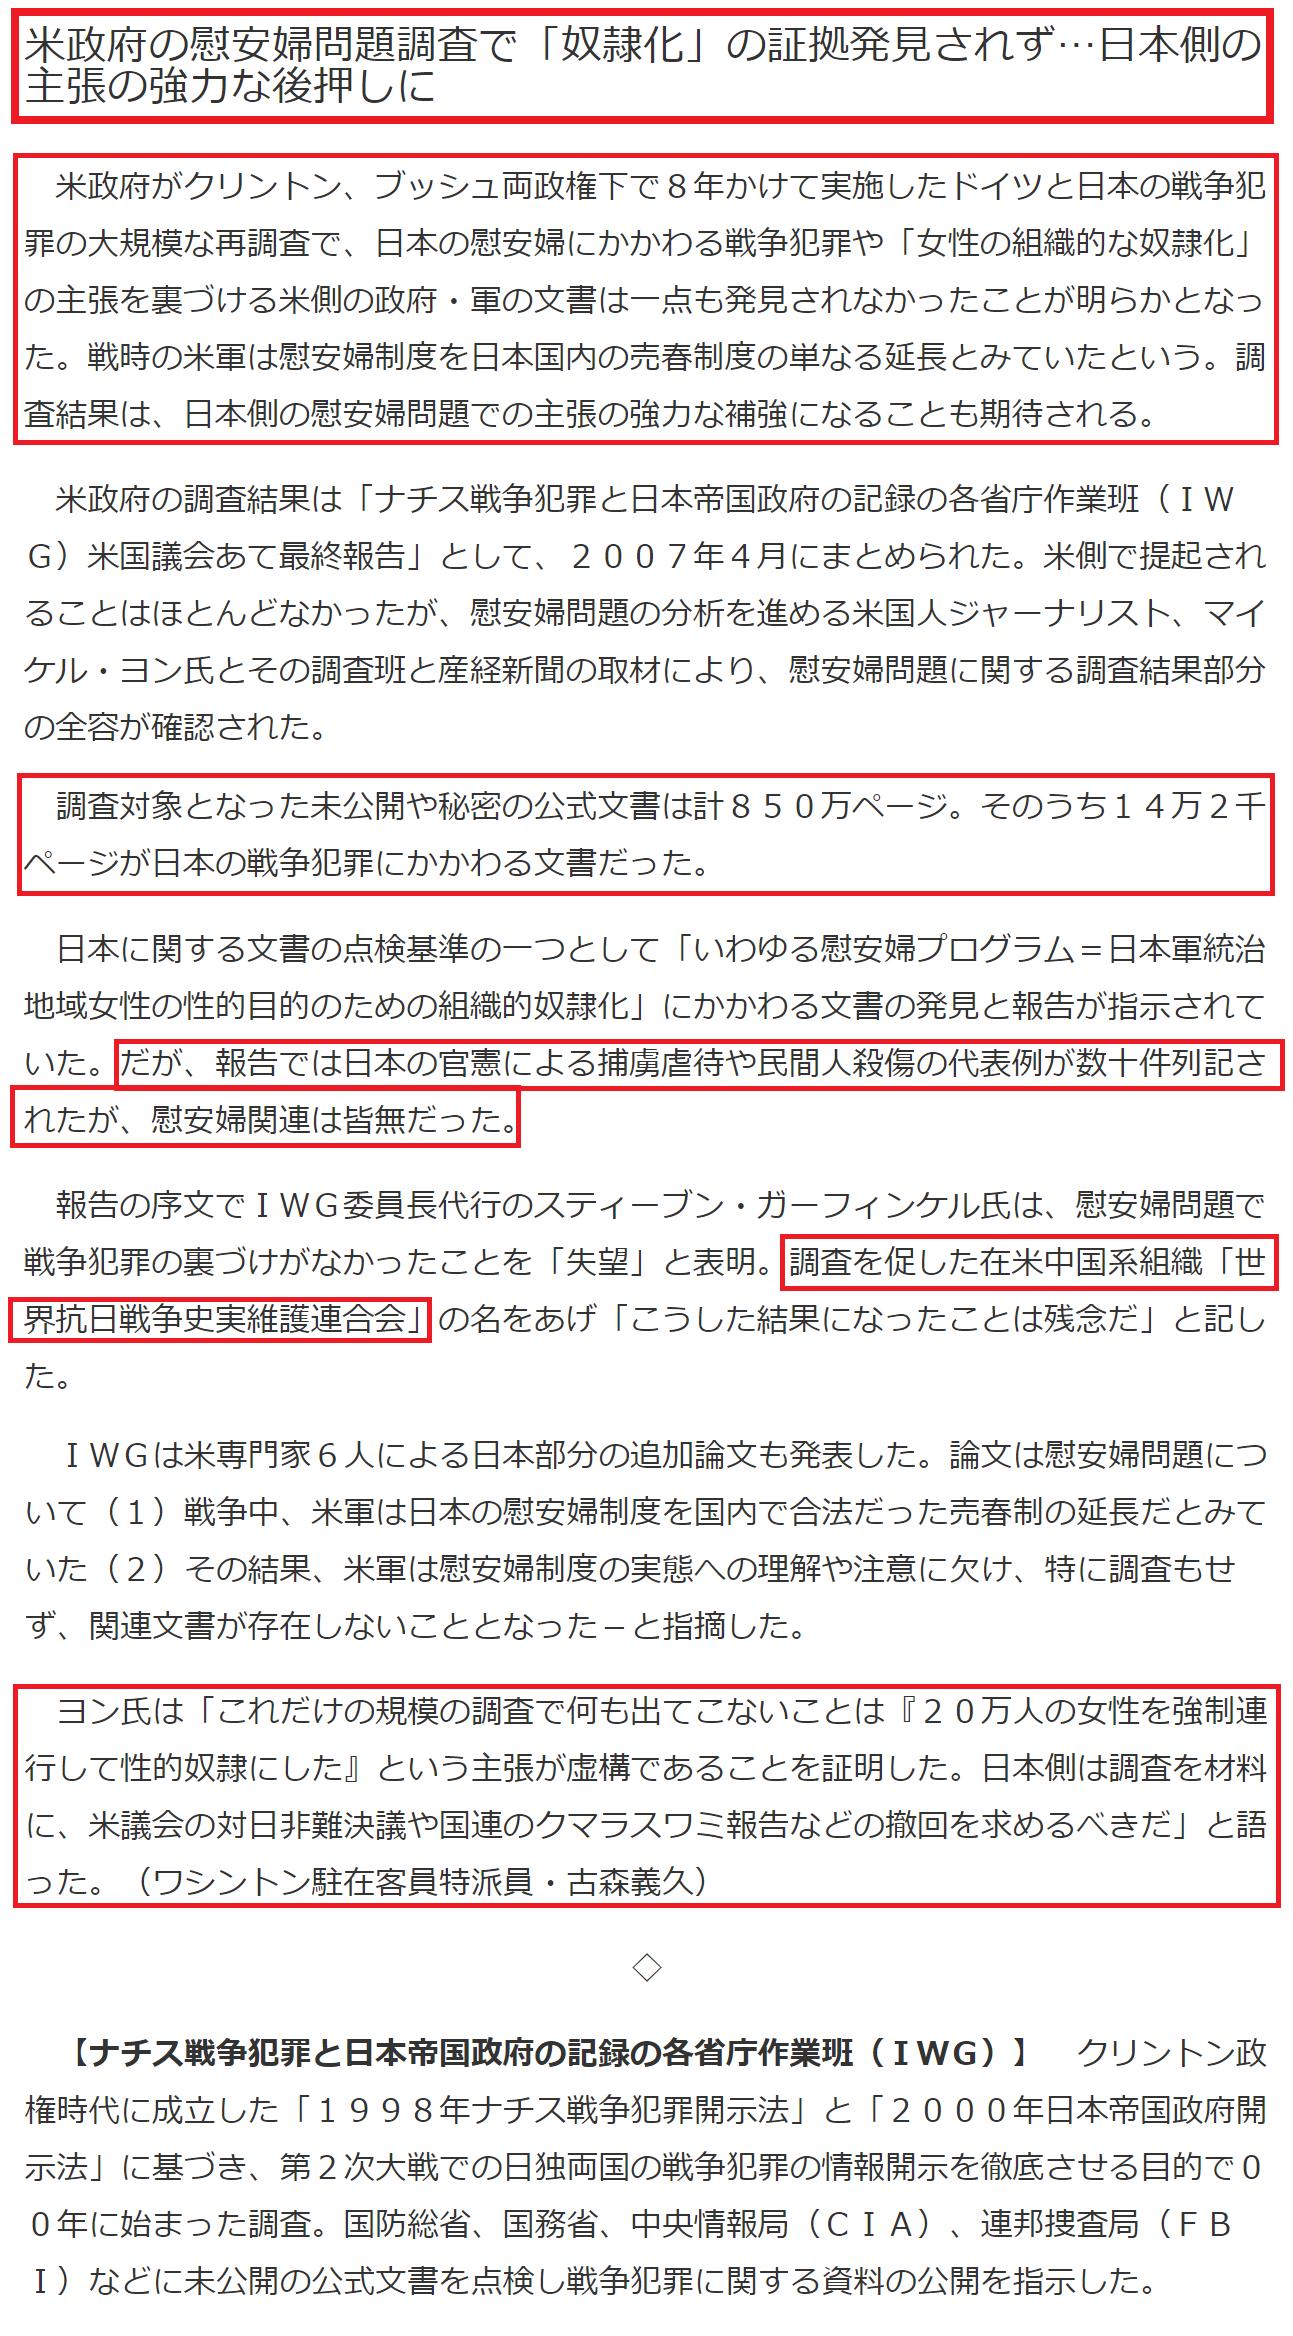 米国が30億円超かけて調査したが日本の性奴隷問題の証拠出ず2